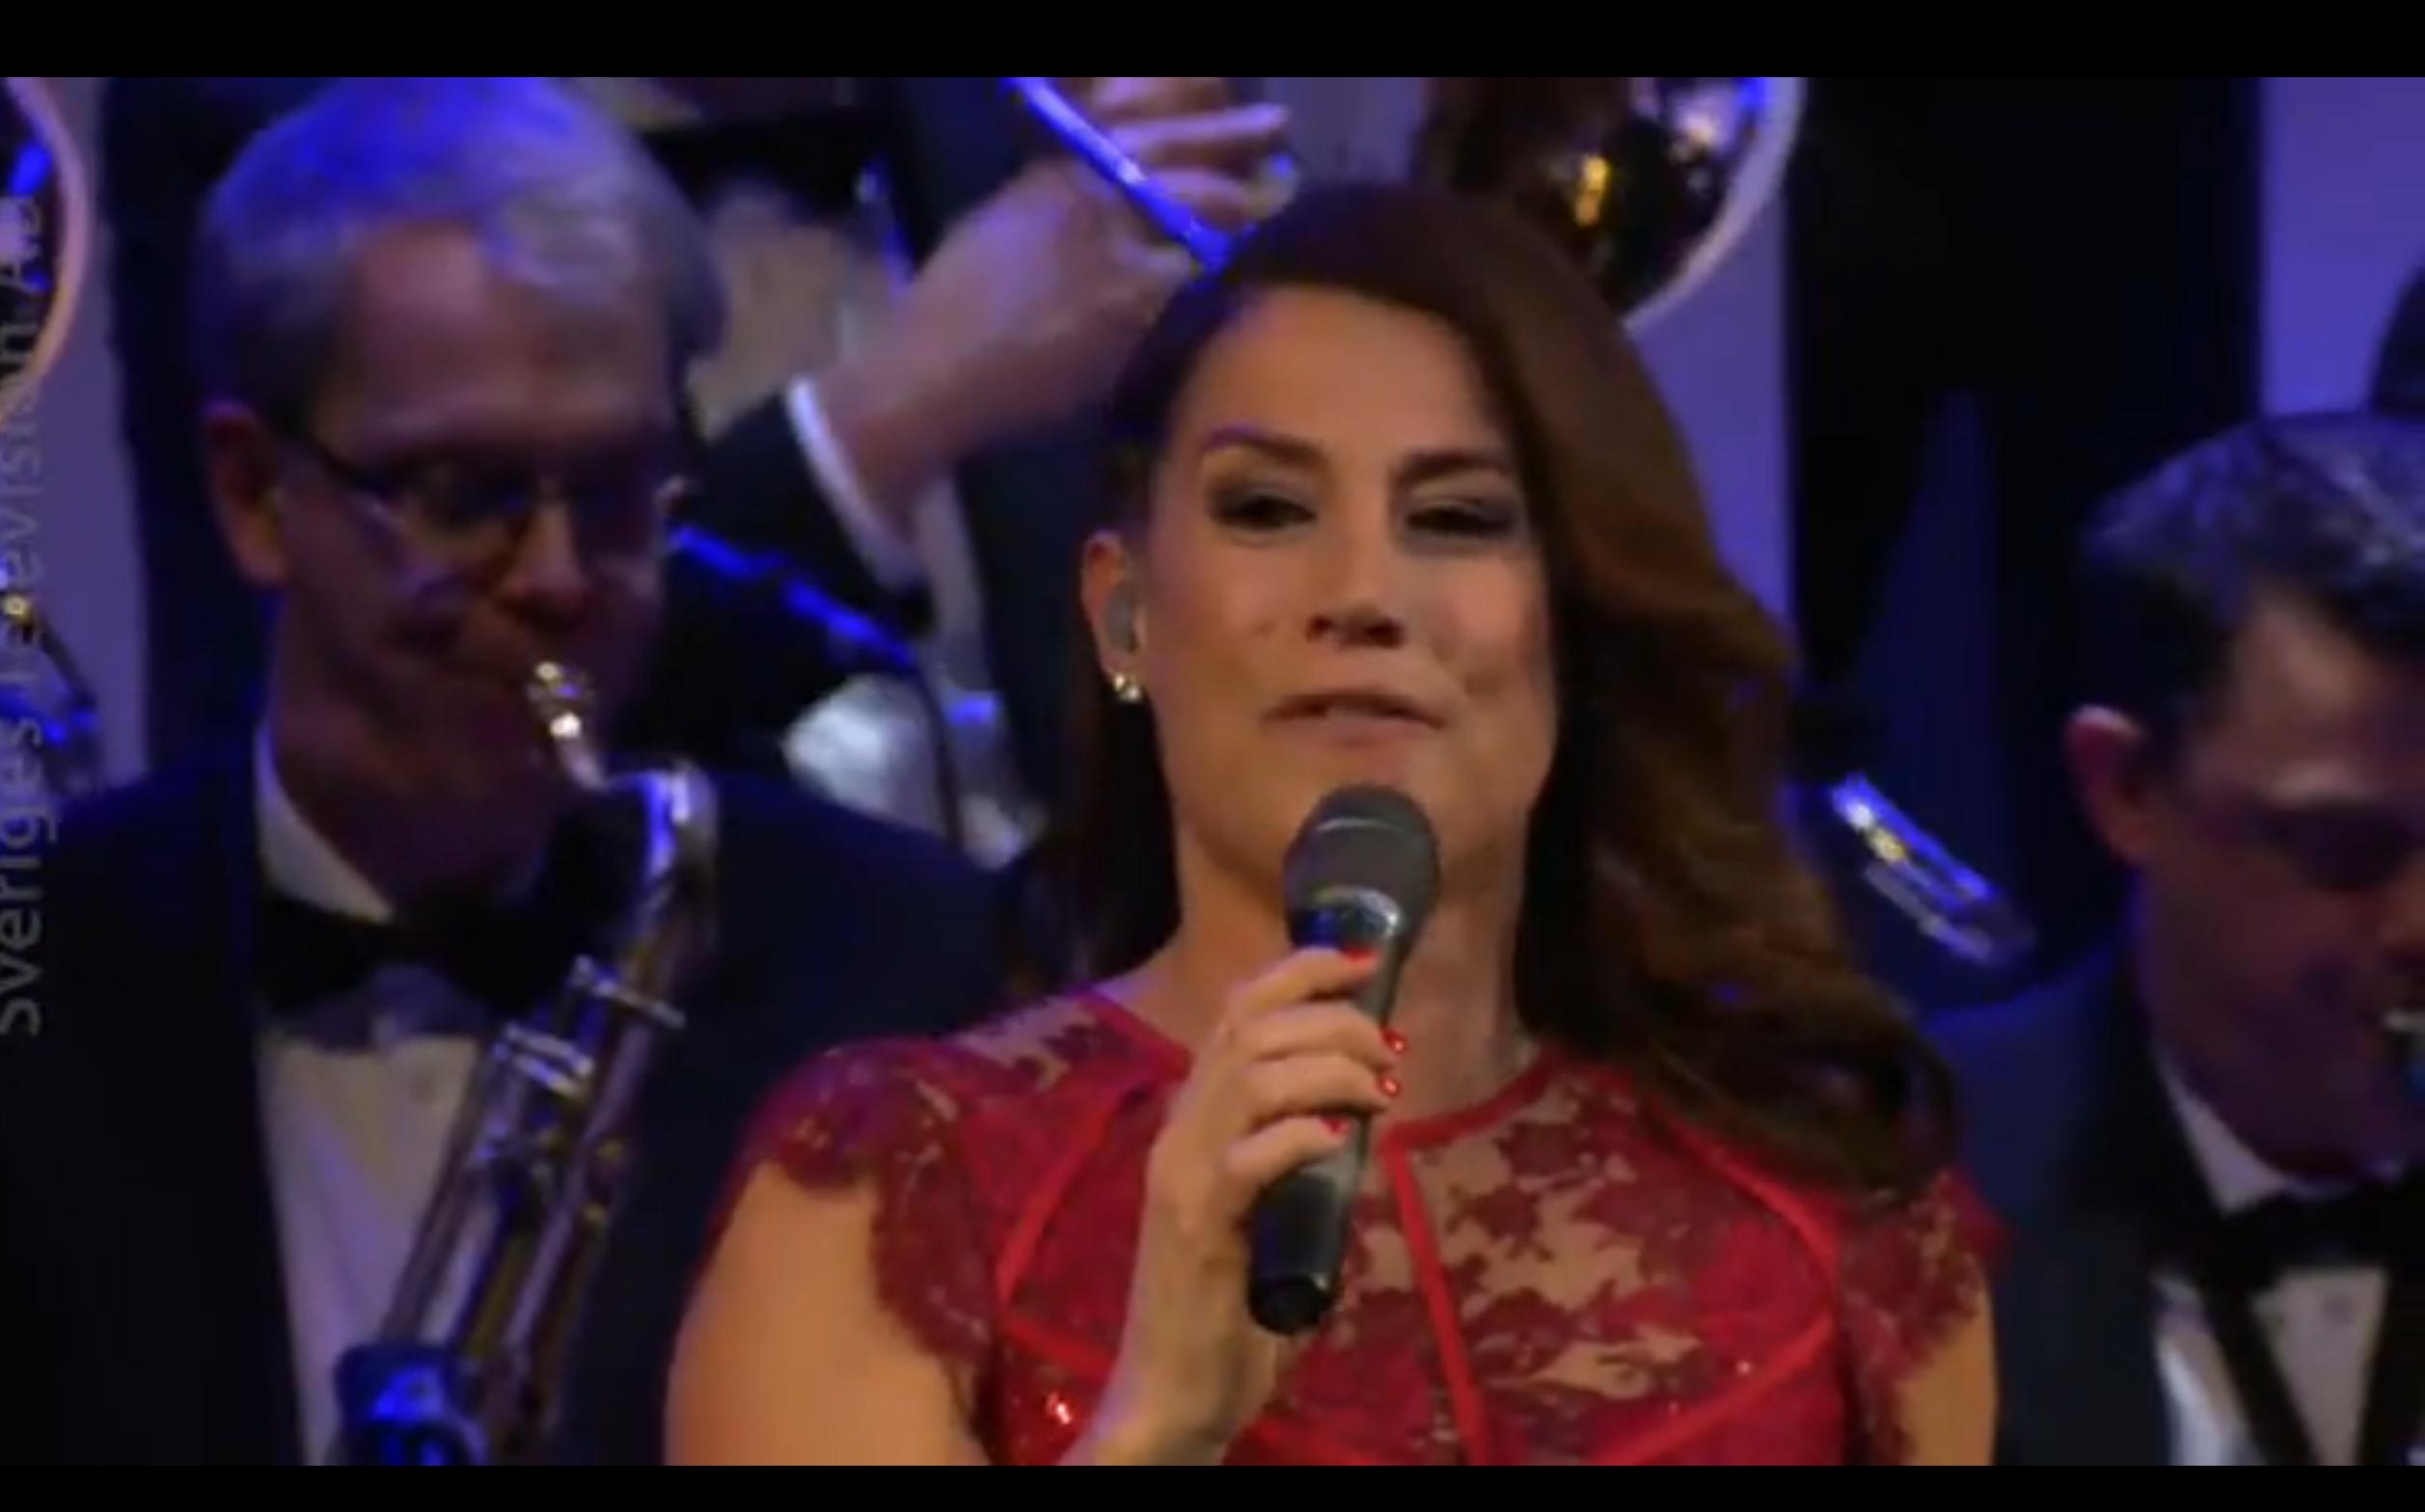 Jill Johnson live med storband under fredagskvällen på SVT, tillsammans med Anders Berglund och Sandviken Big Band.